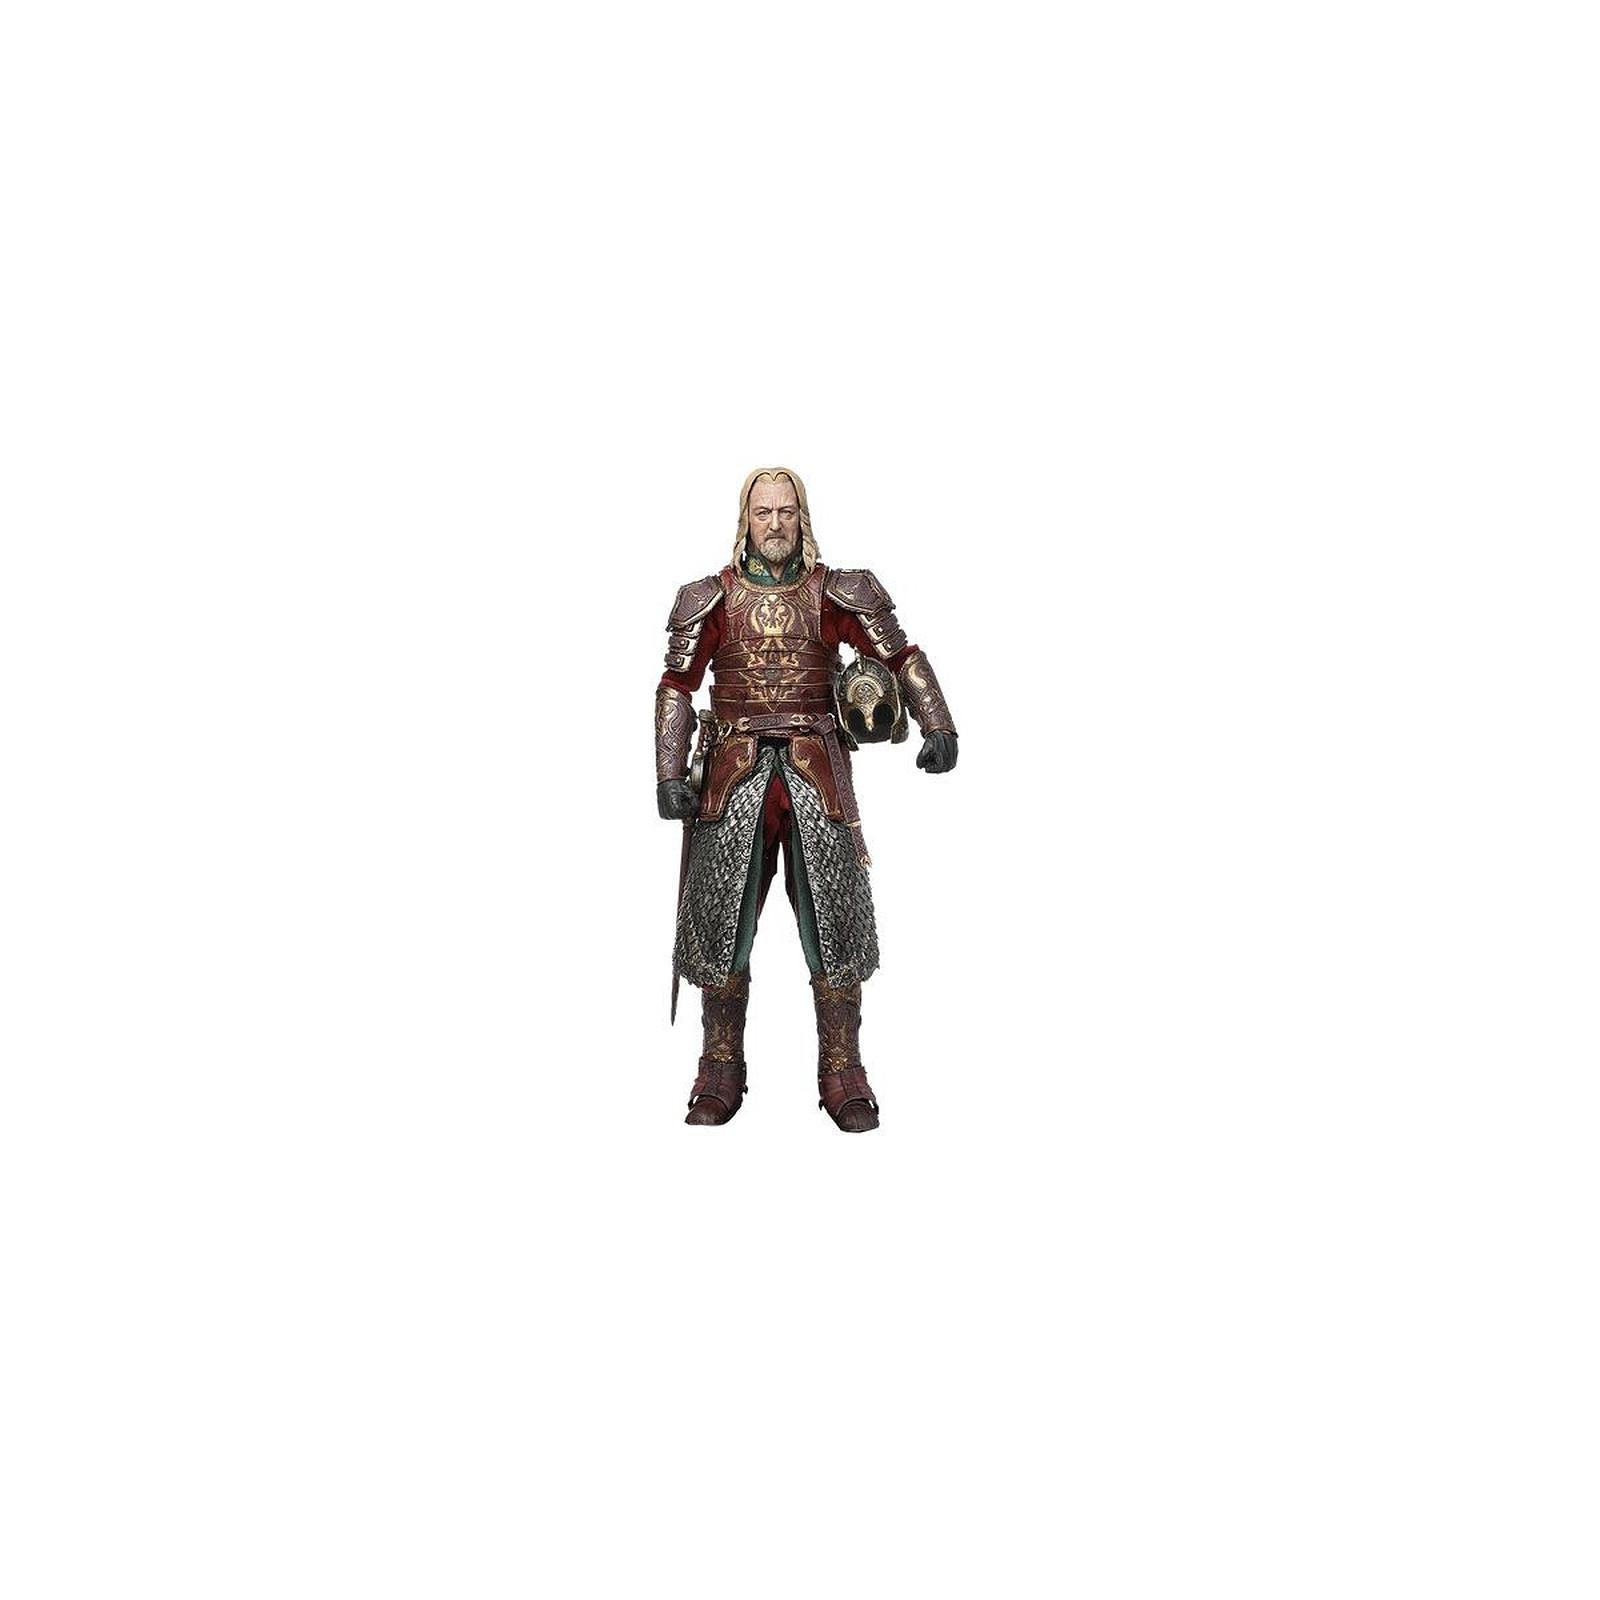 Le Seigneur des Anneaux - Figurine 1/6 Théoden 30 cm